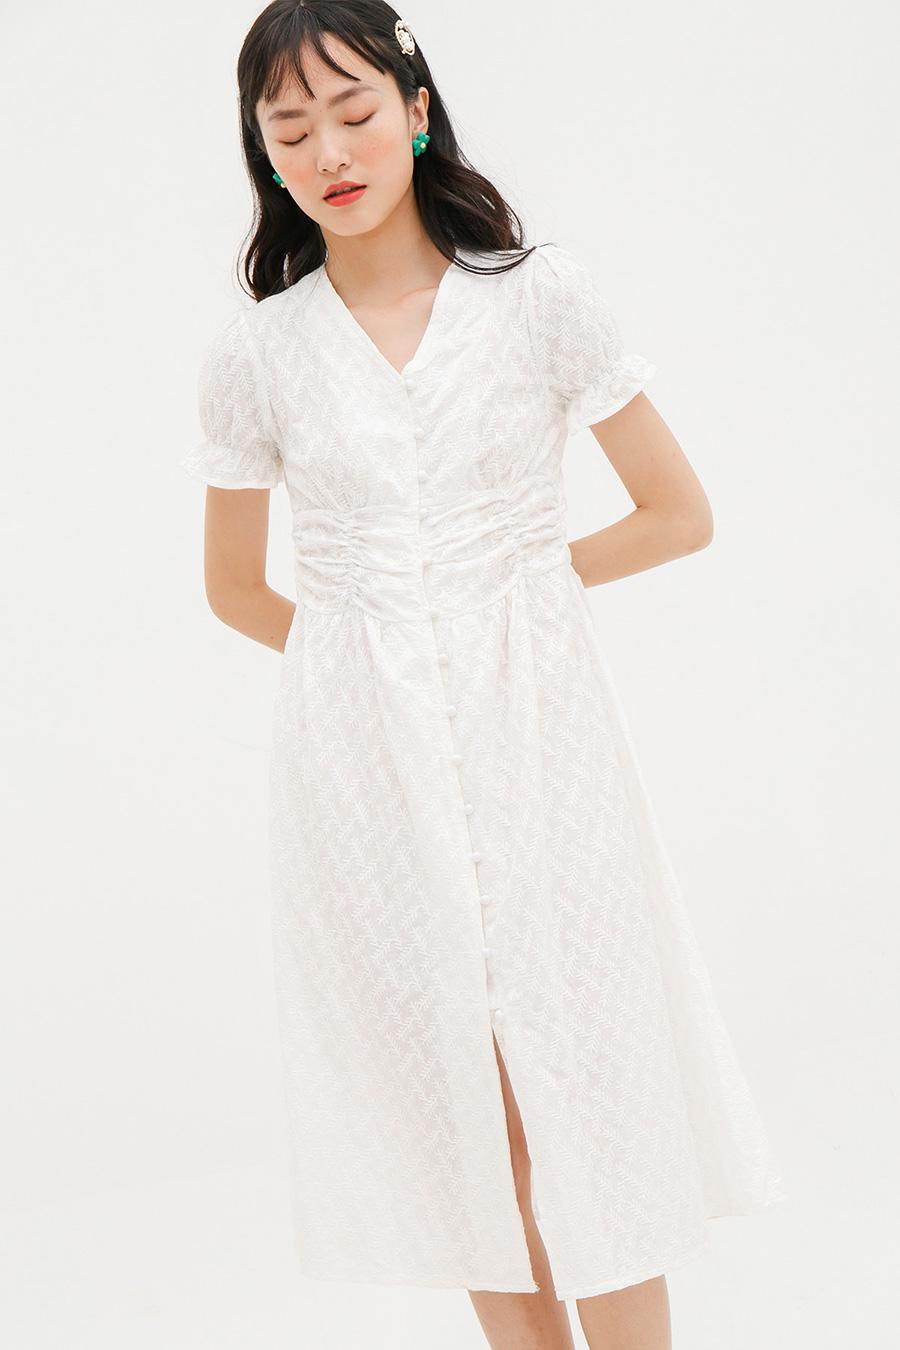 LAROUSE DRESS - IVORY